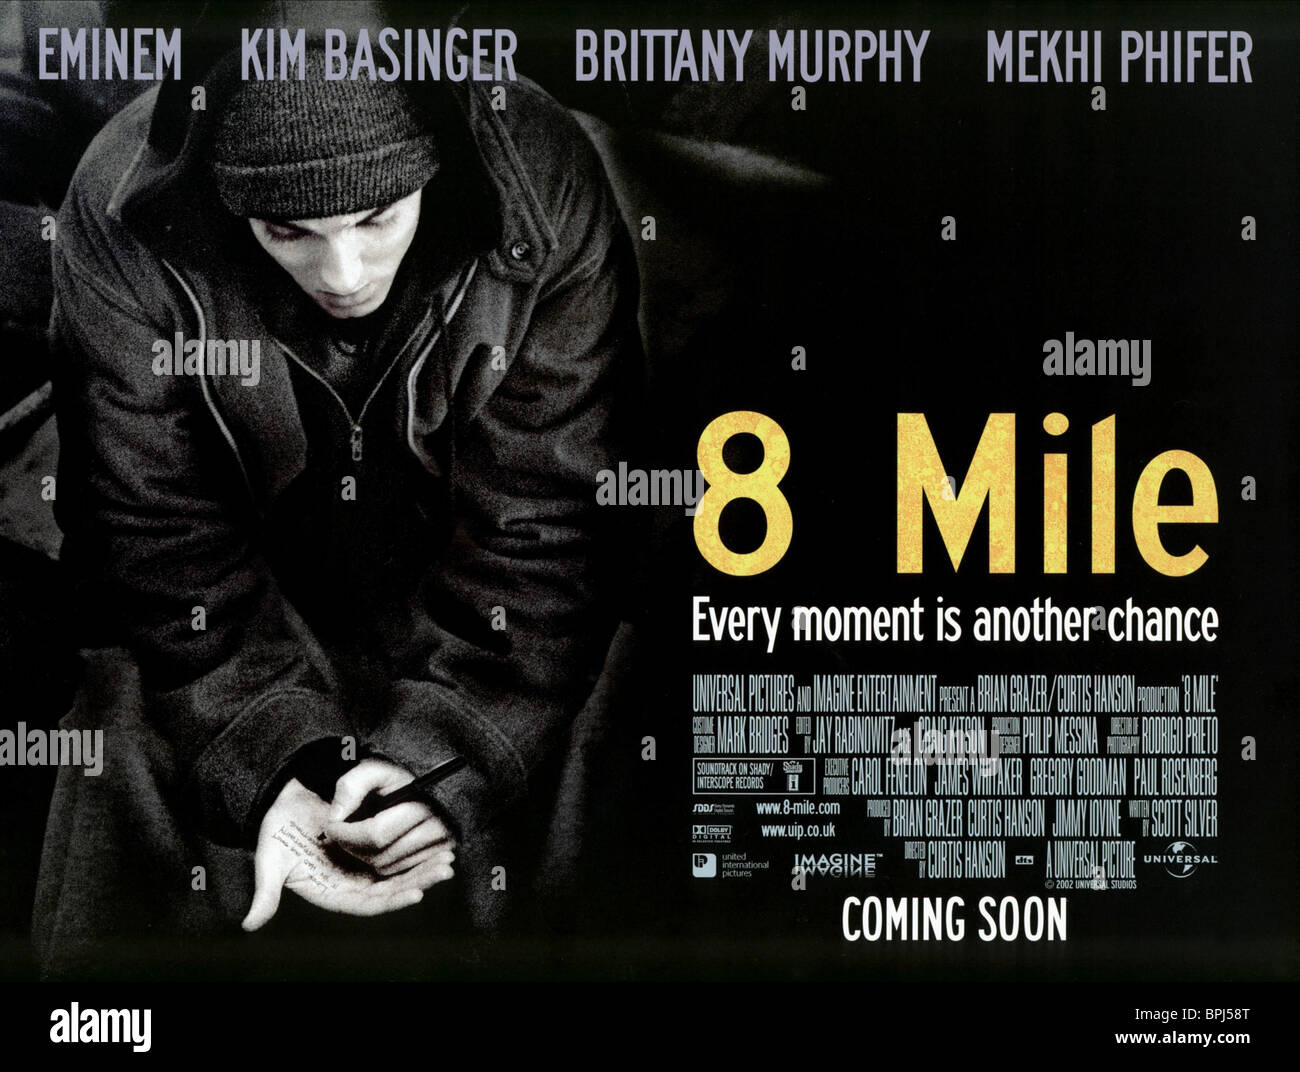 Eminem 8 Mile 2002 Stock Photo Alamy